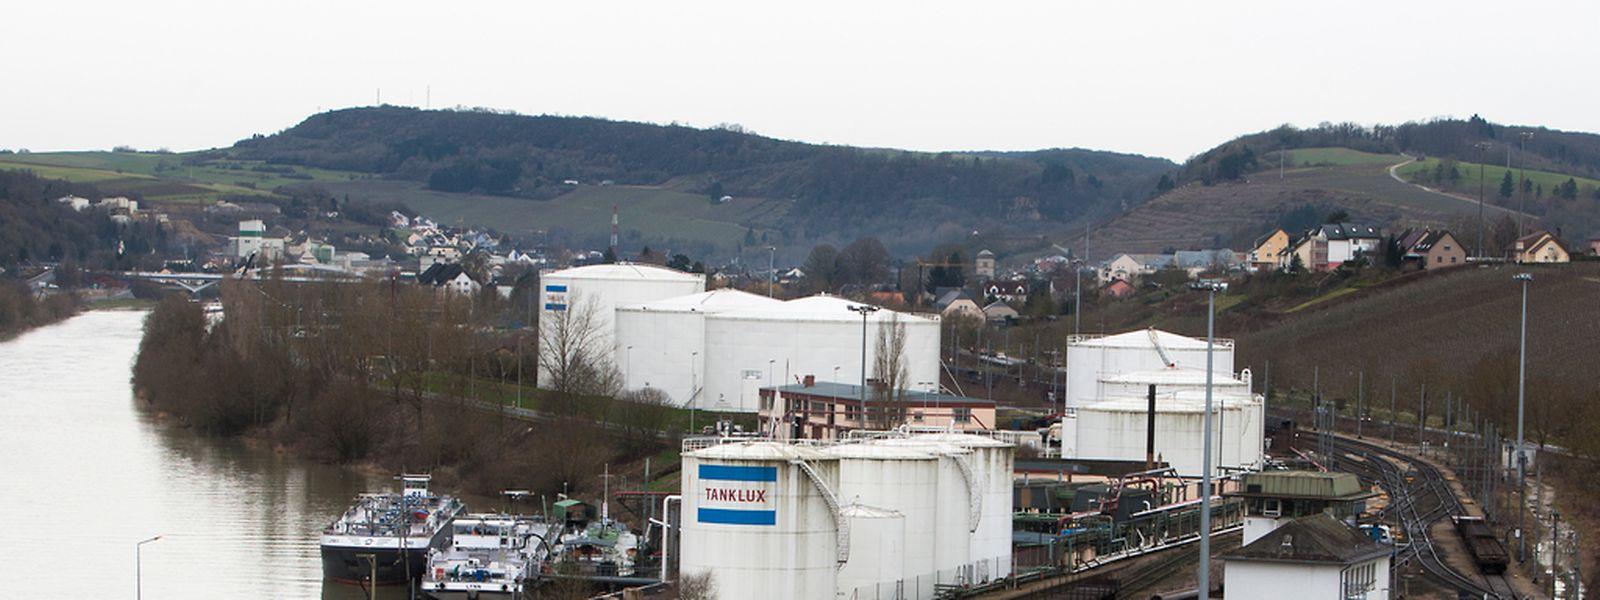 Zu den bereits bestehenden Tanks sollen zusätzliche 90.000 Kubikmeter Diesel, Benzin und Kerosin gelagert werden. Zudem rücken die neuen Tanks deutlich näher an das Wohngebiet heran.